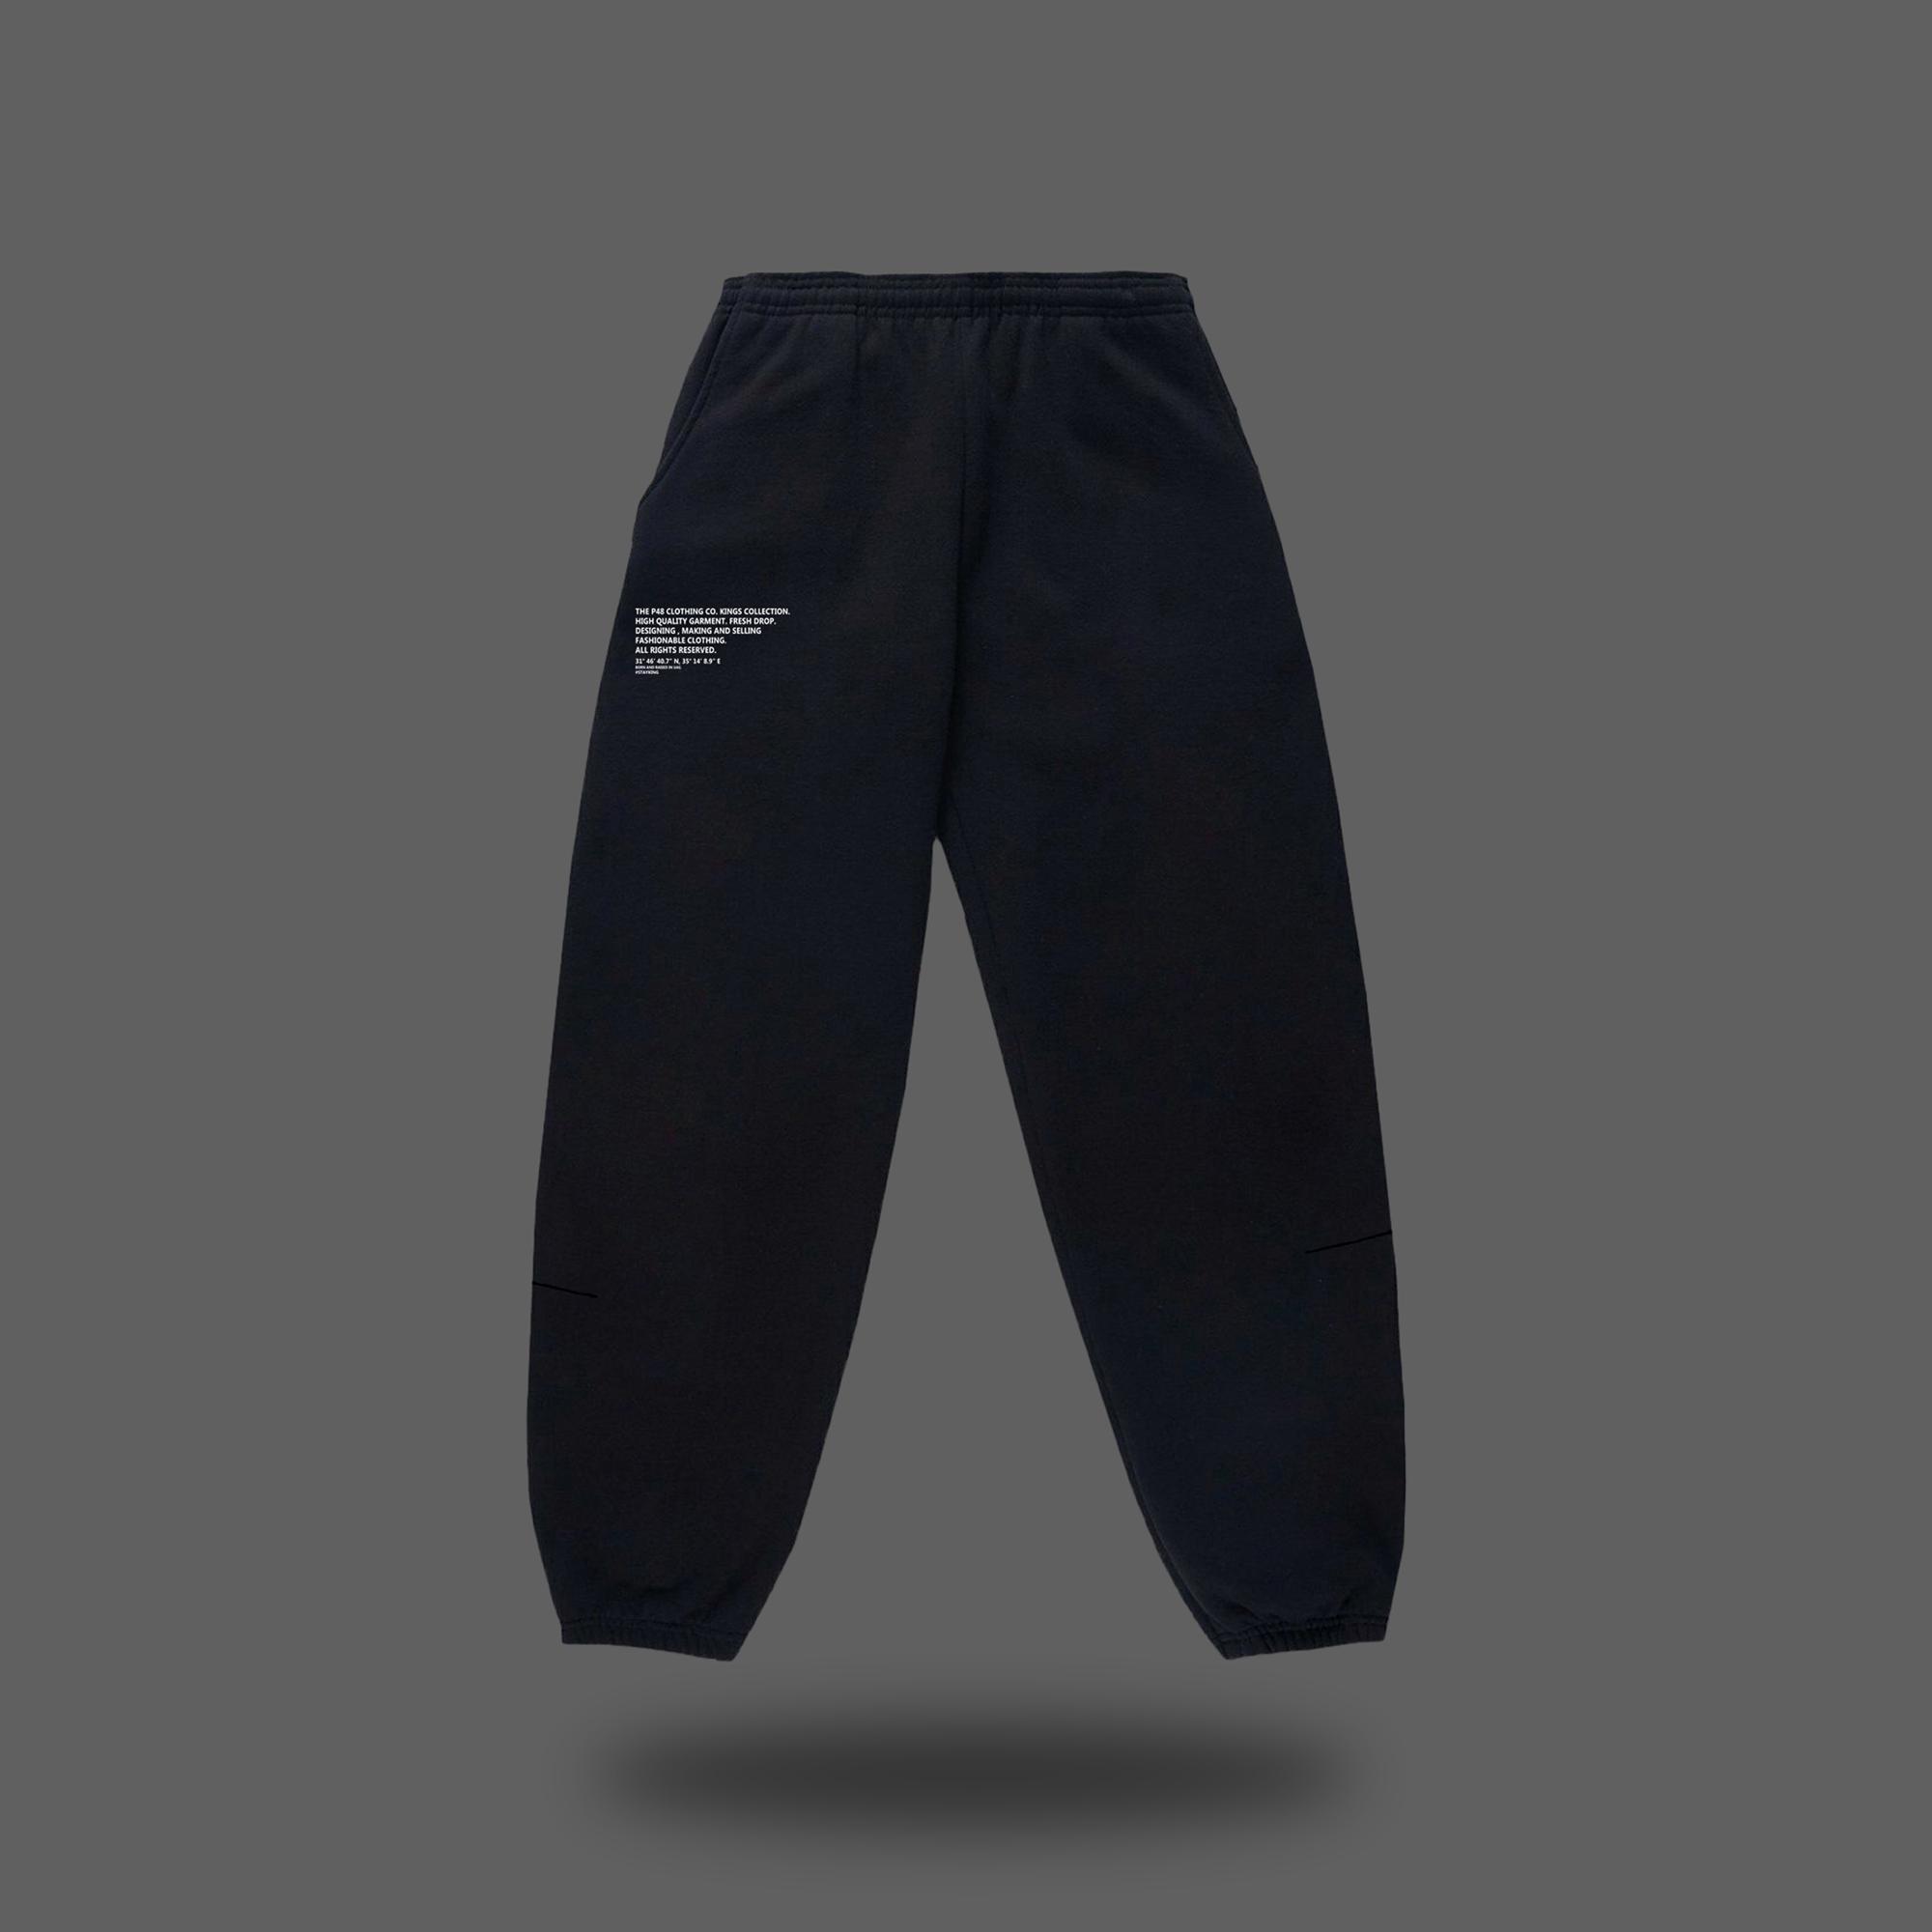 P48 Jogger Pants - Black